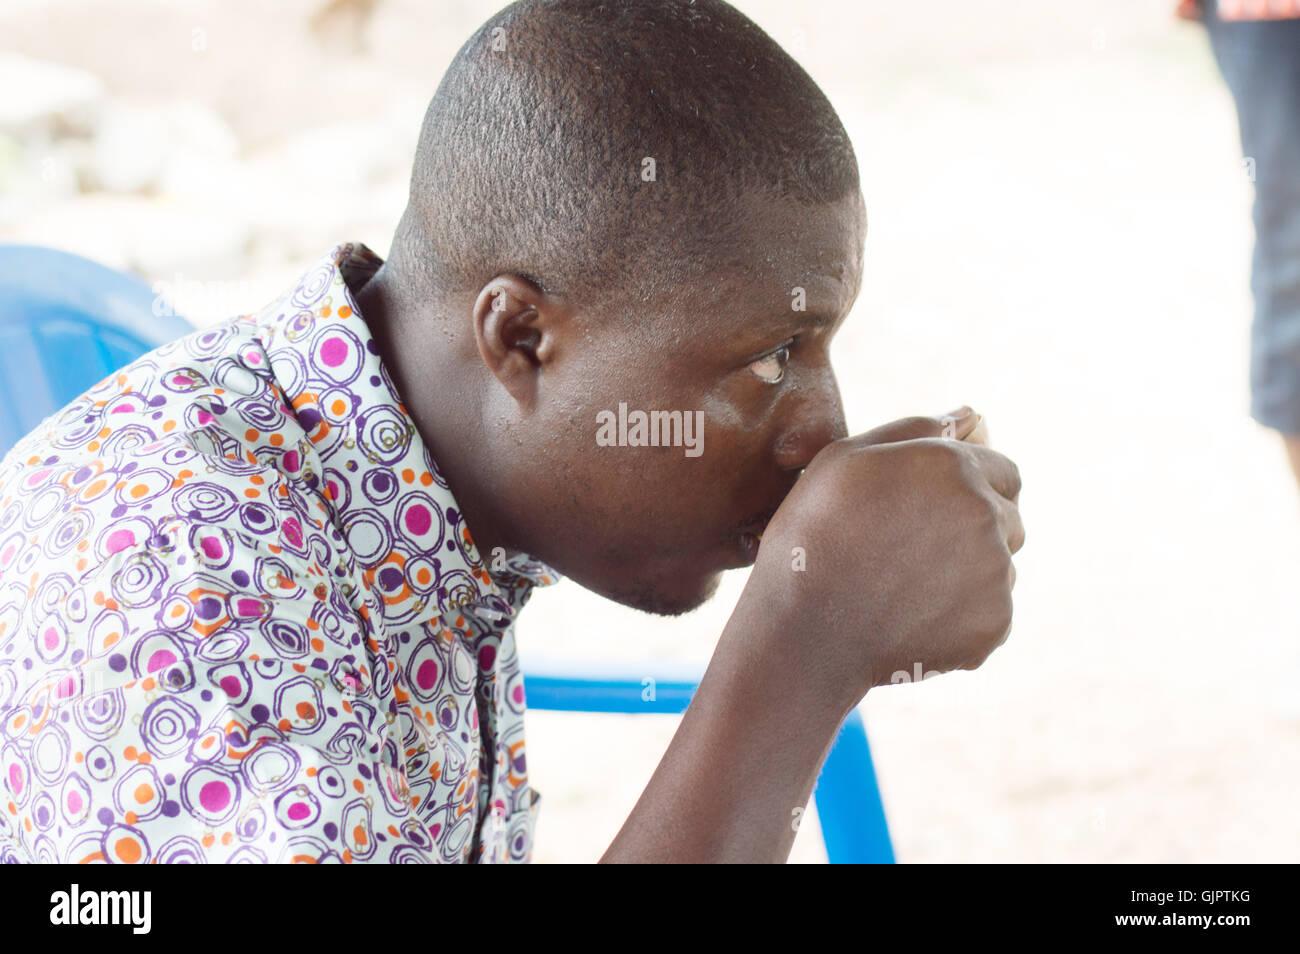 Avec une tasse traditionnelle à la main , ce jeune homme rafraîchit la gorge par le vin de palme. Photo Stock